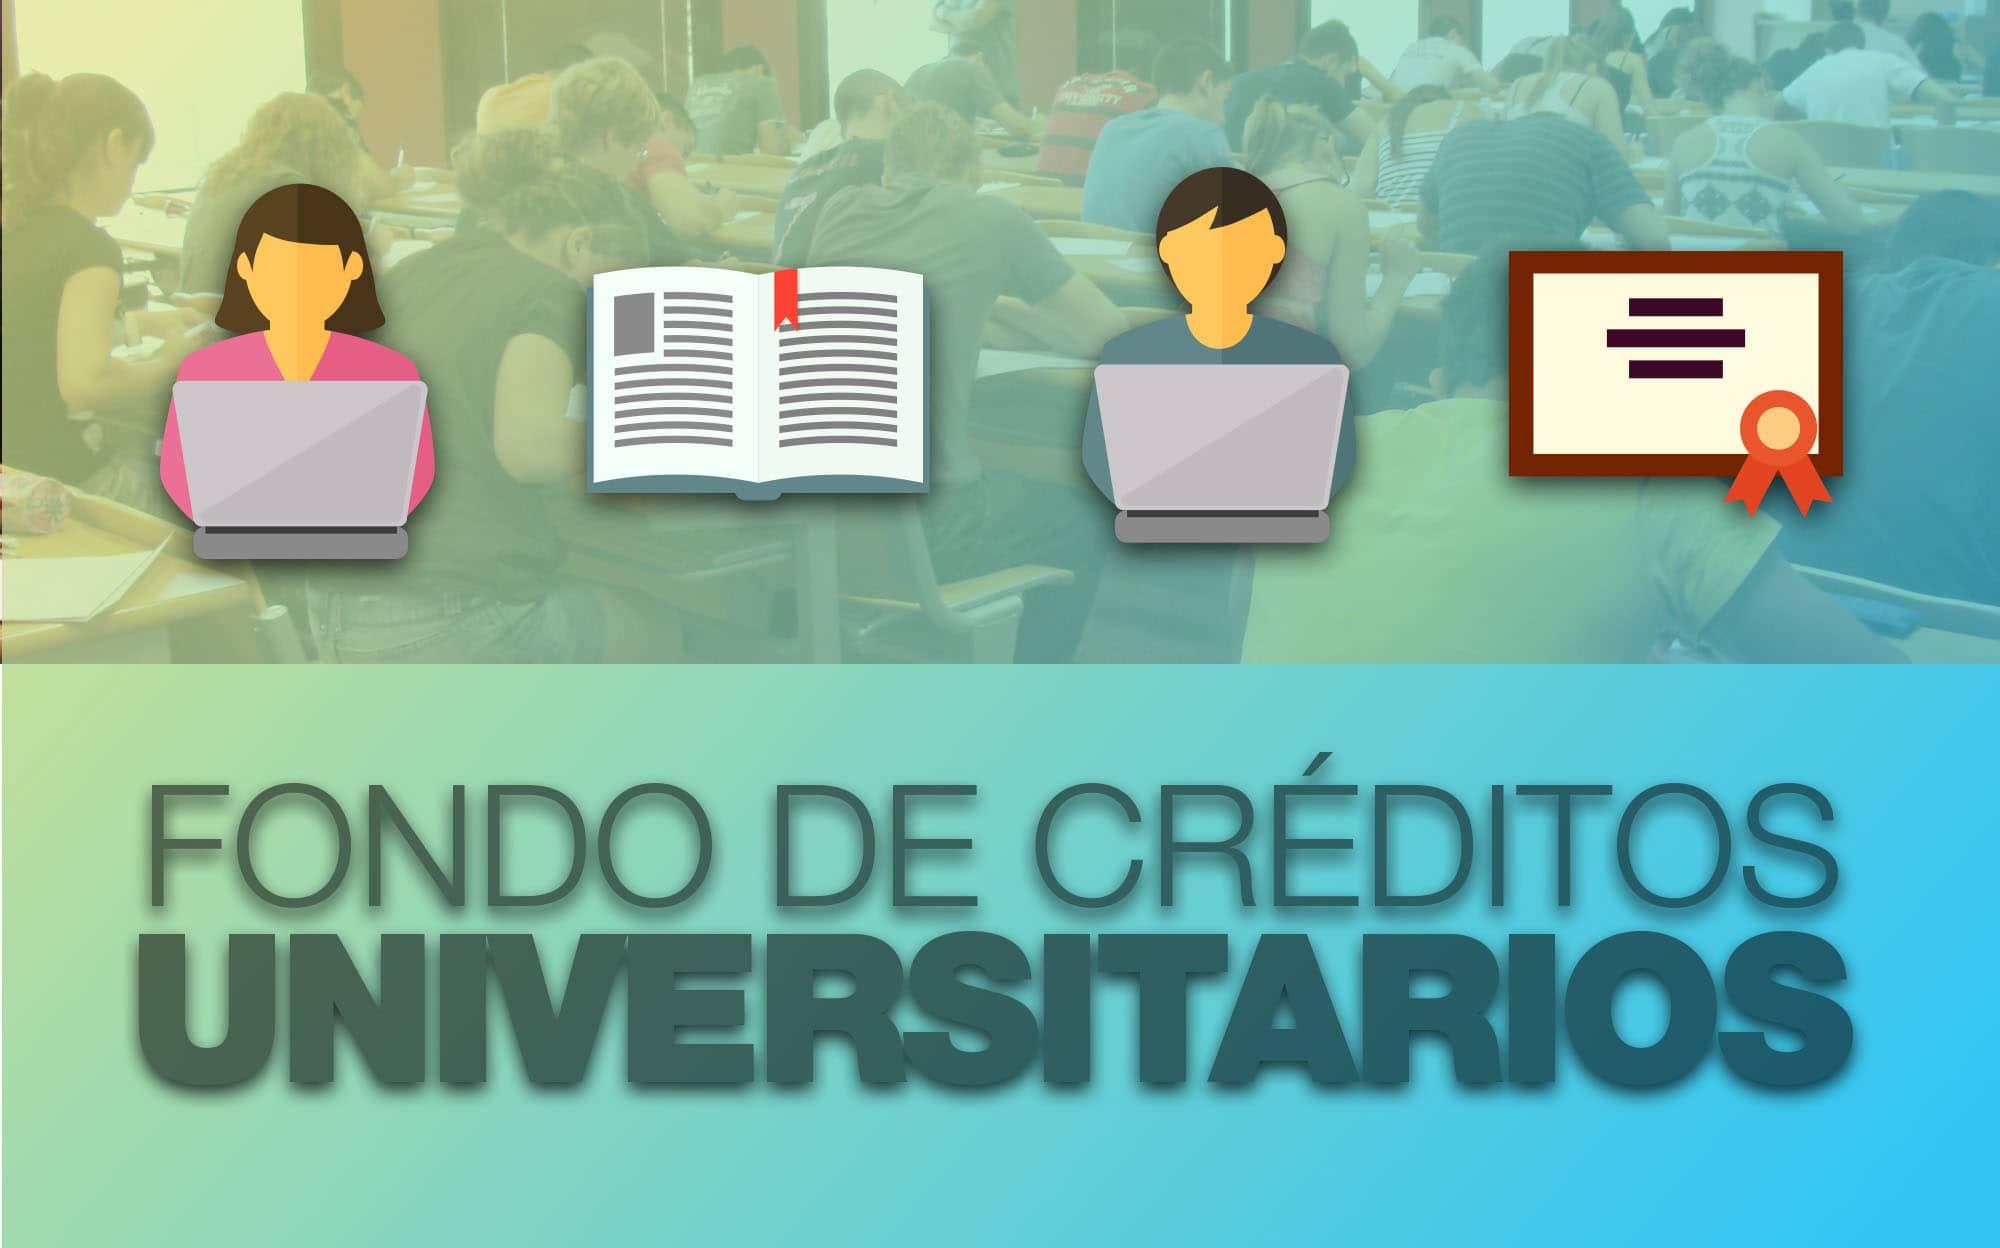 Encuestas socioeconómicas para créditos universitarios